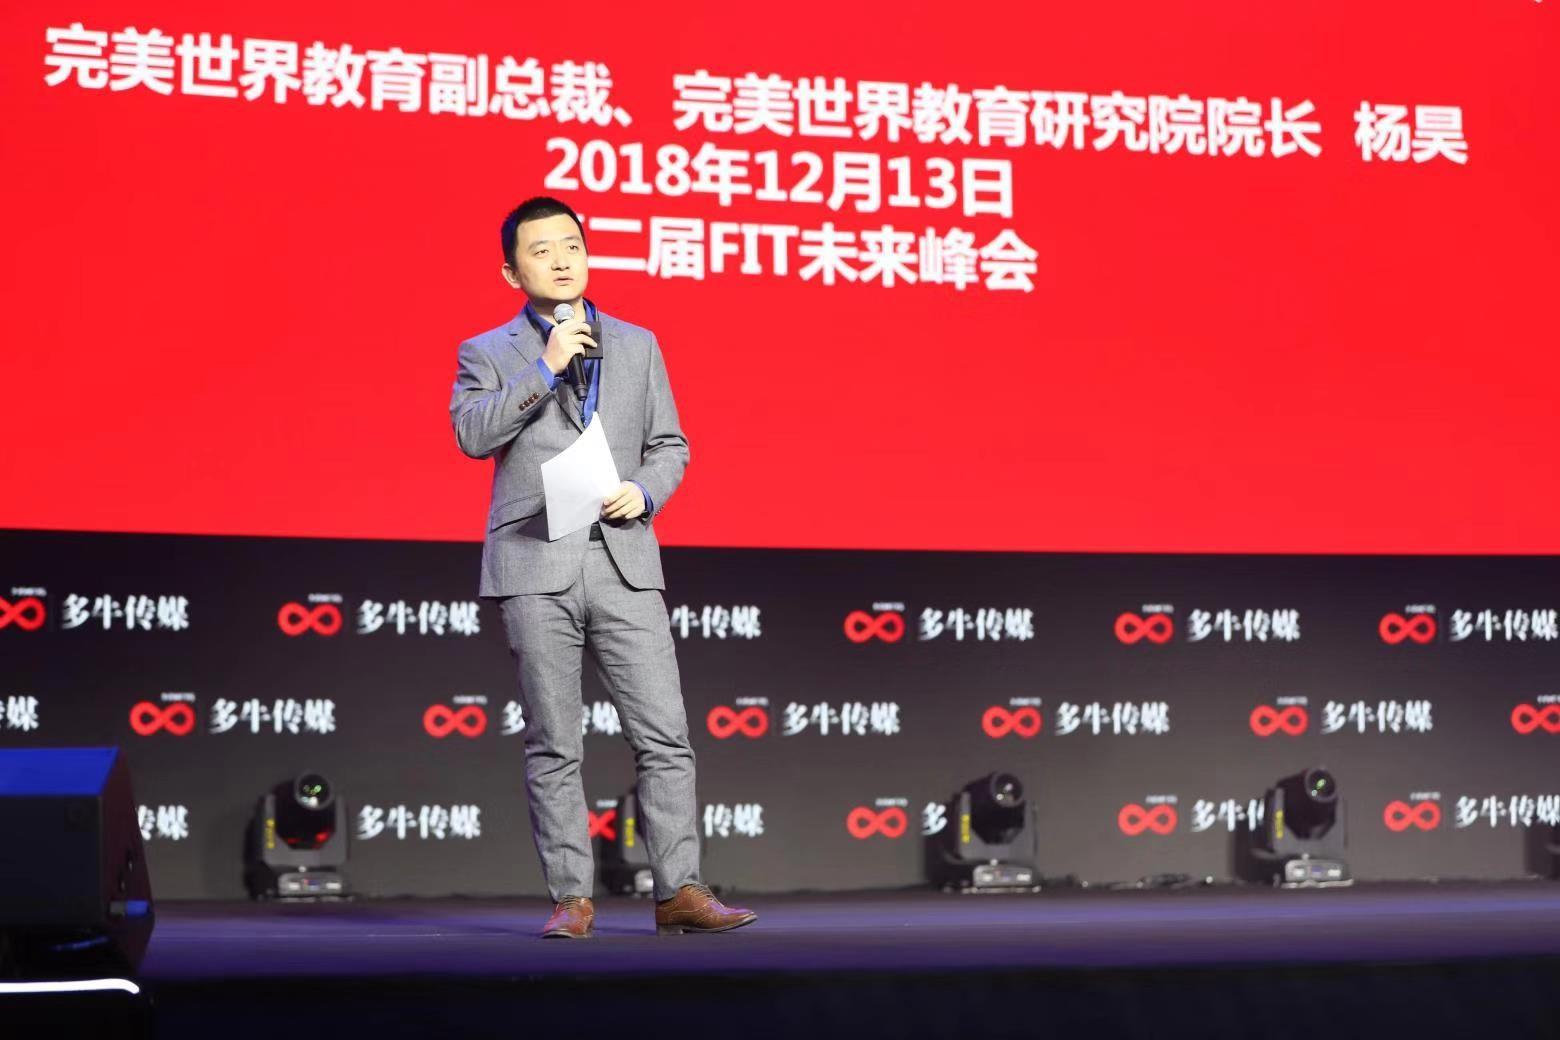 完美杨昊F.I.T未来峰会分享数字文化娱乐未来趋势:未来的产业与人才在哪里?